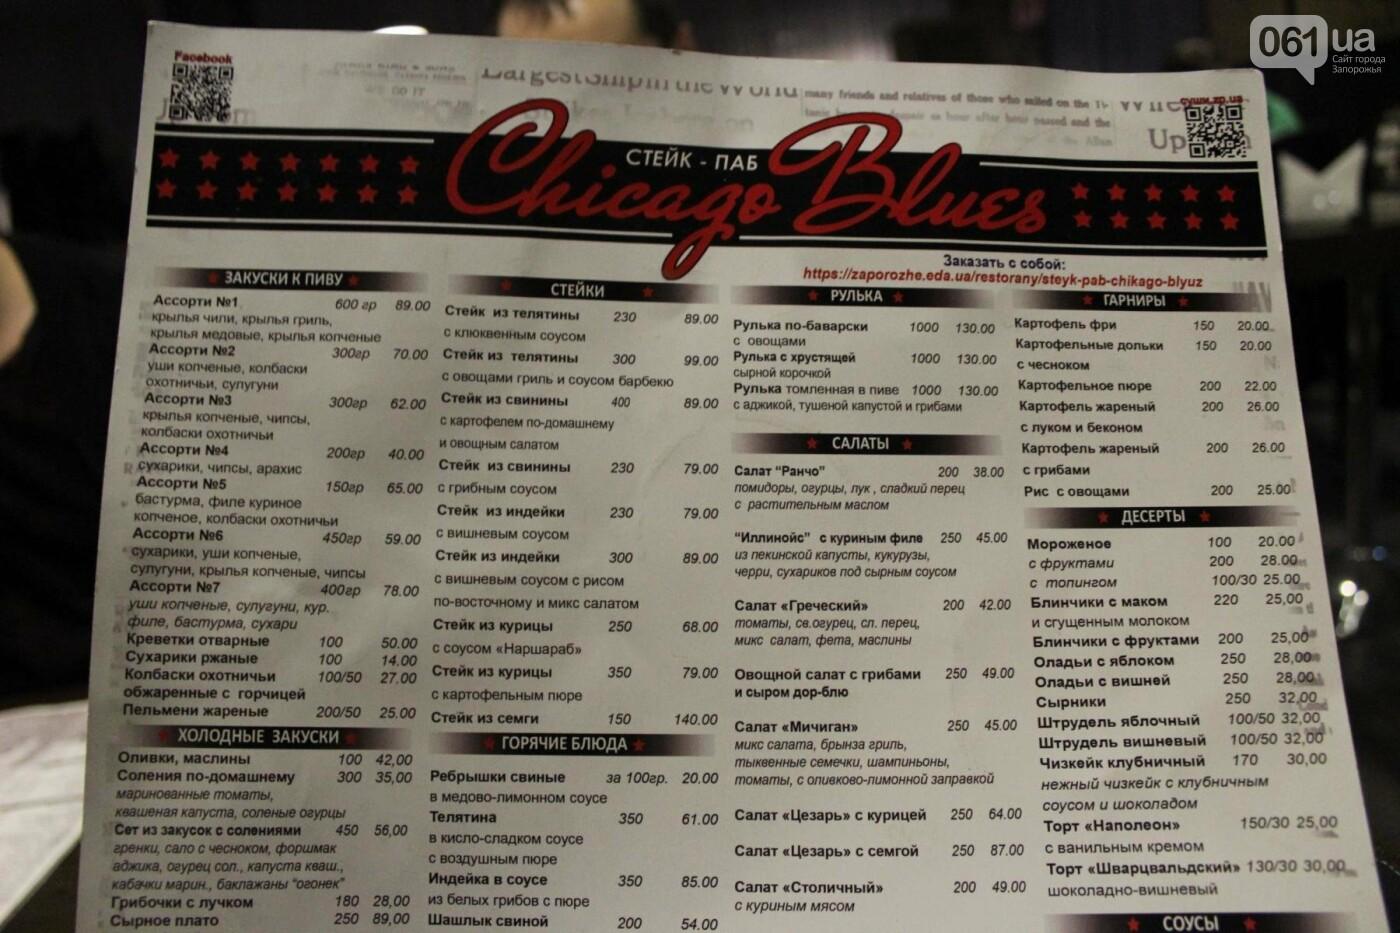 Тест-драйв запорожских общепитов: Chicago Blues, фото-15